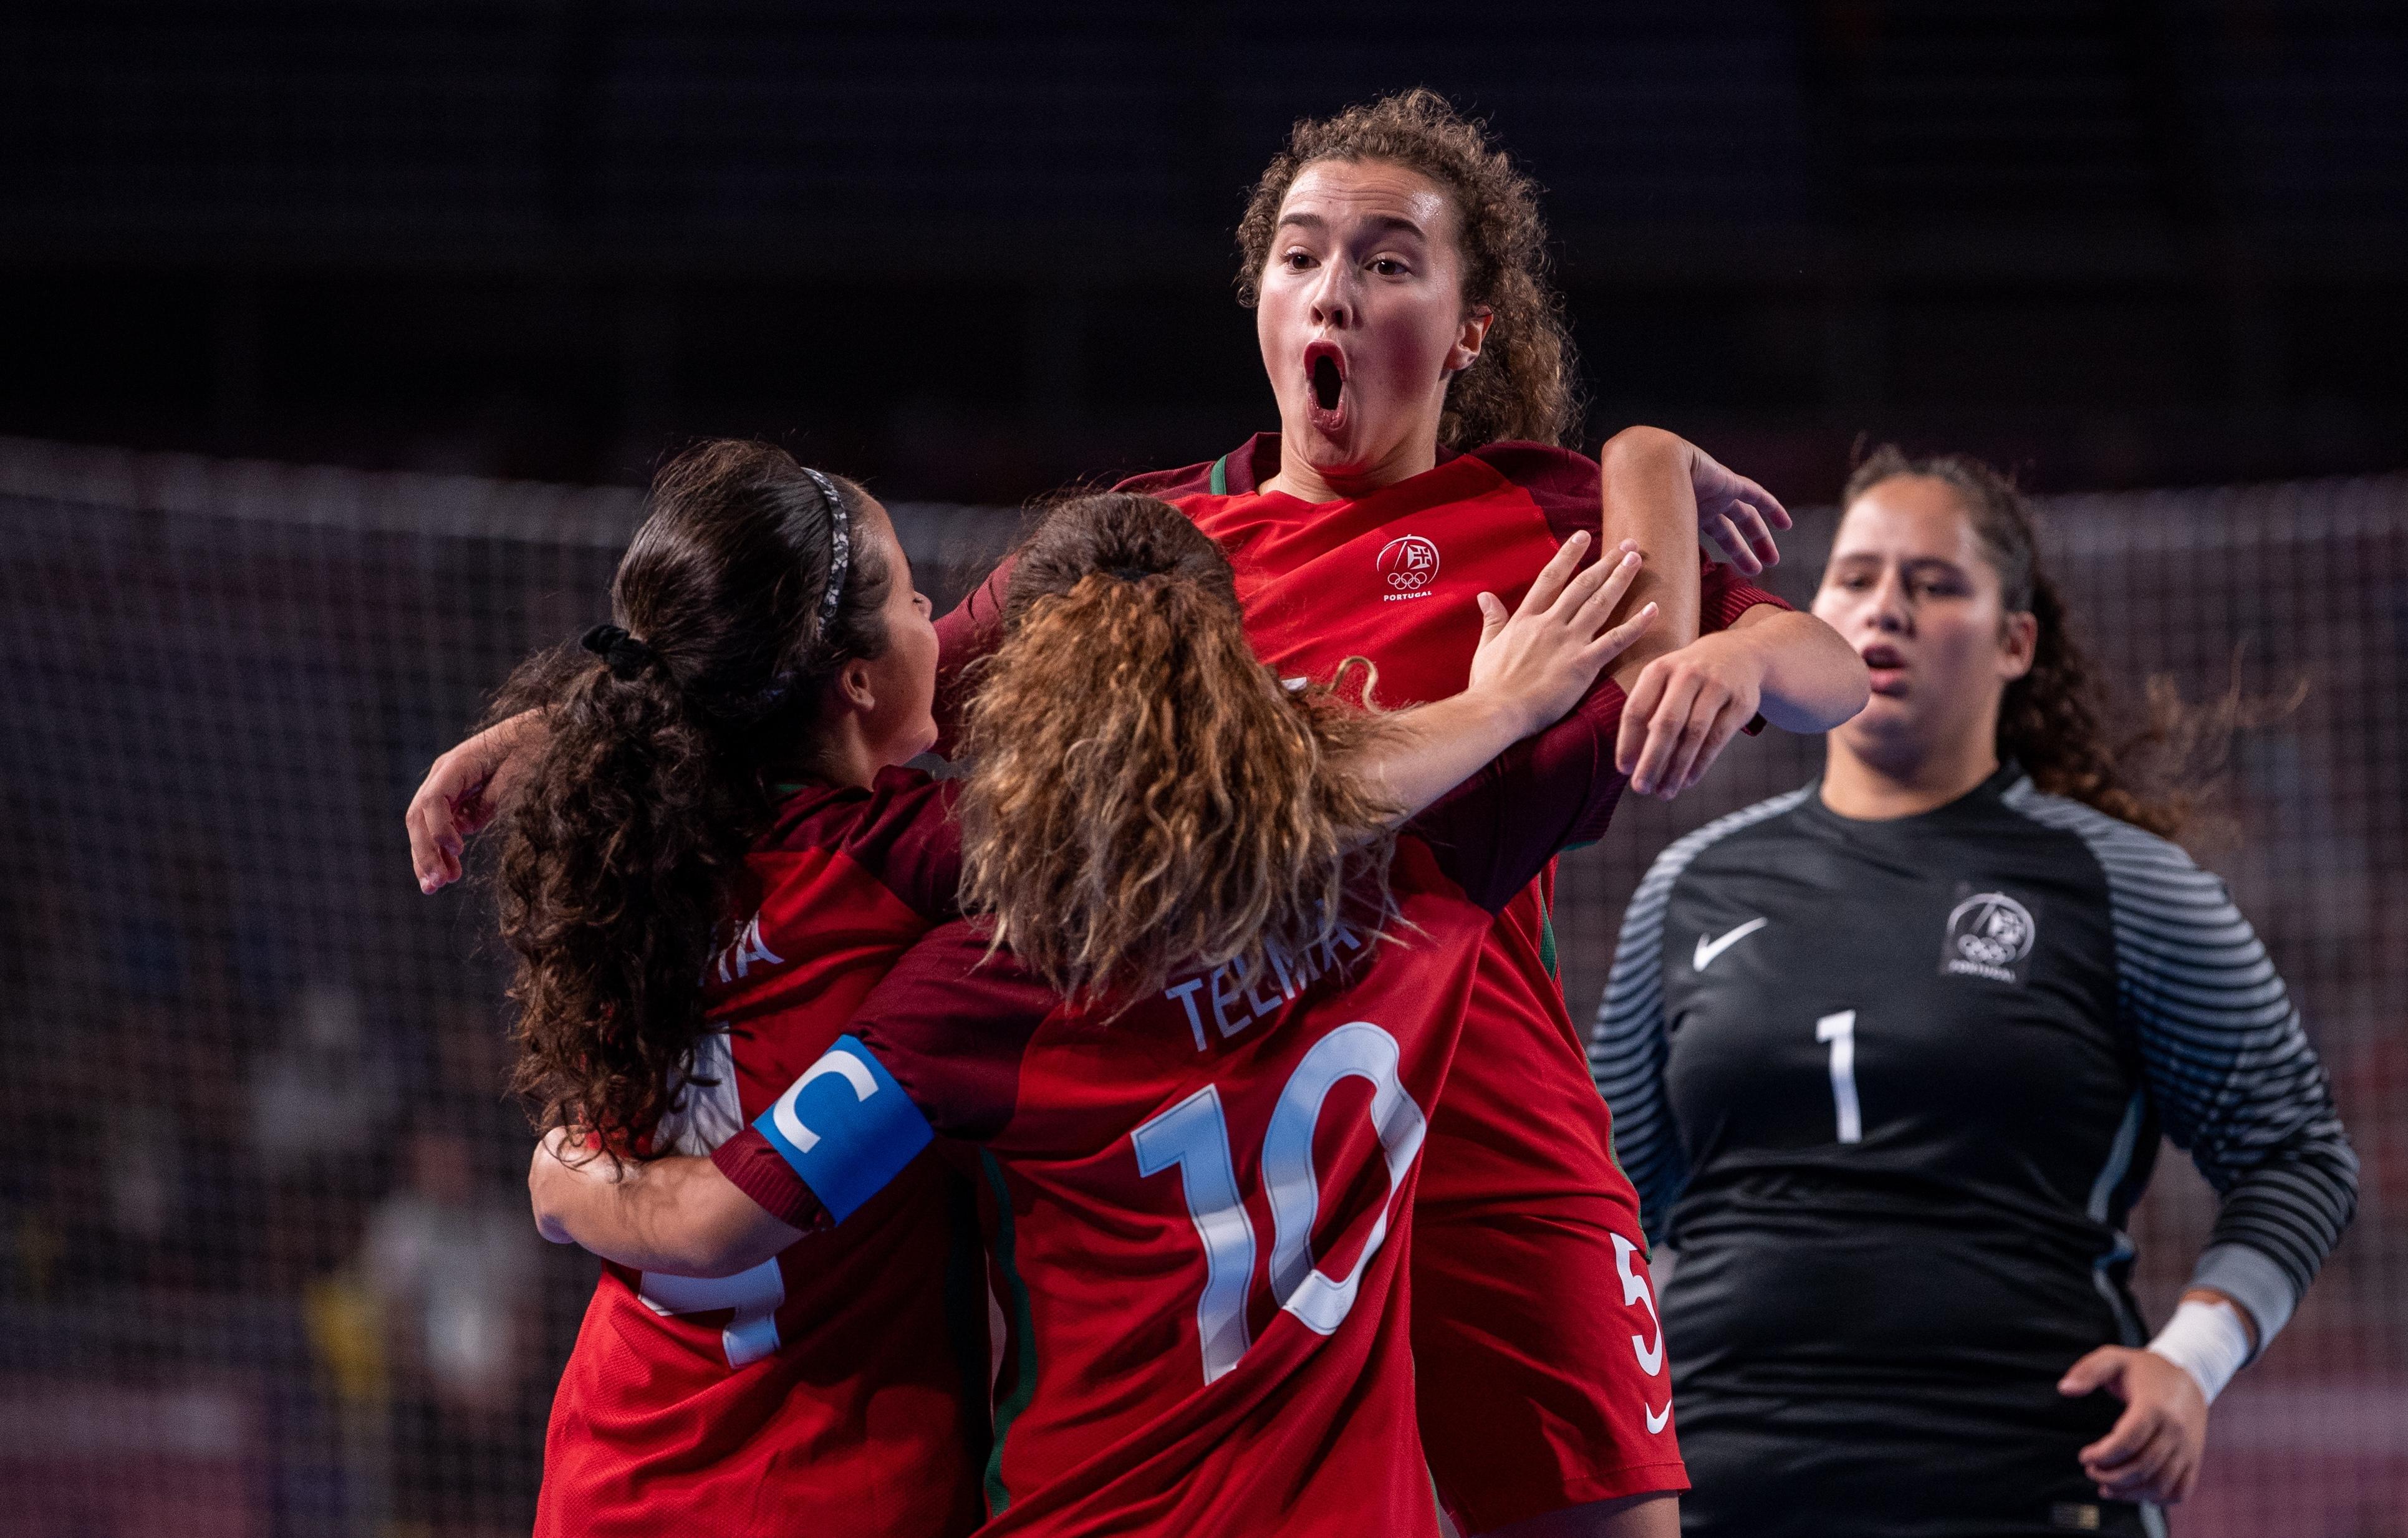 ee6c2eae45 Convocatória portuguesa anunciada para o Europeu de futsal feminino ...